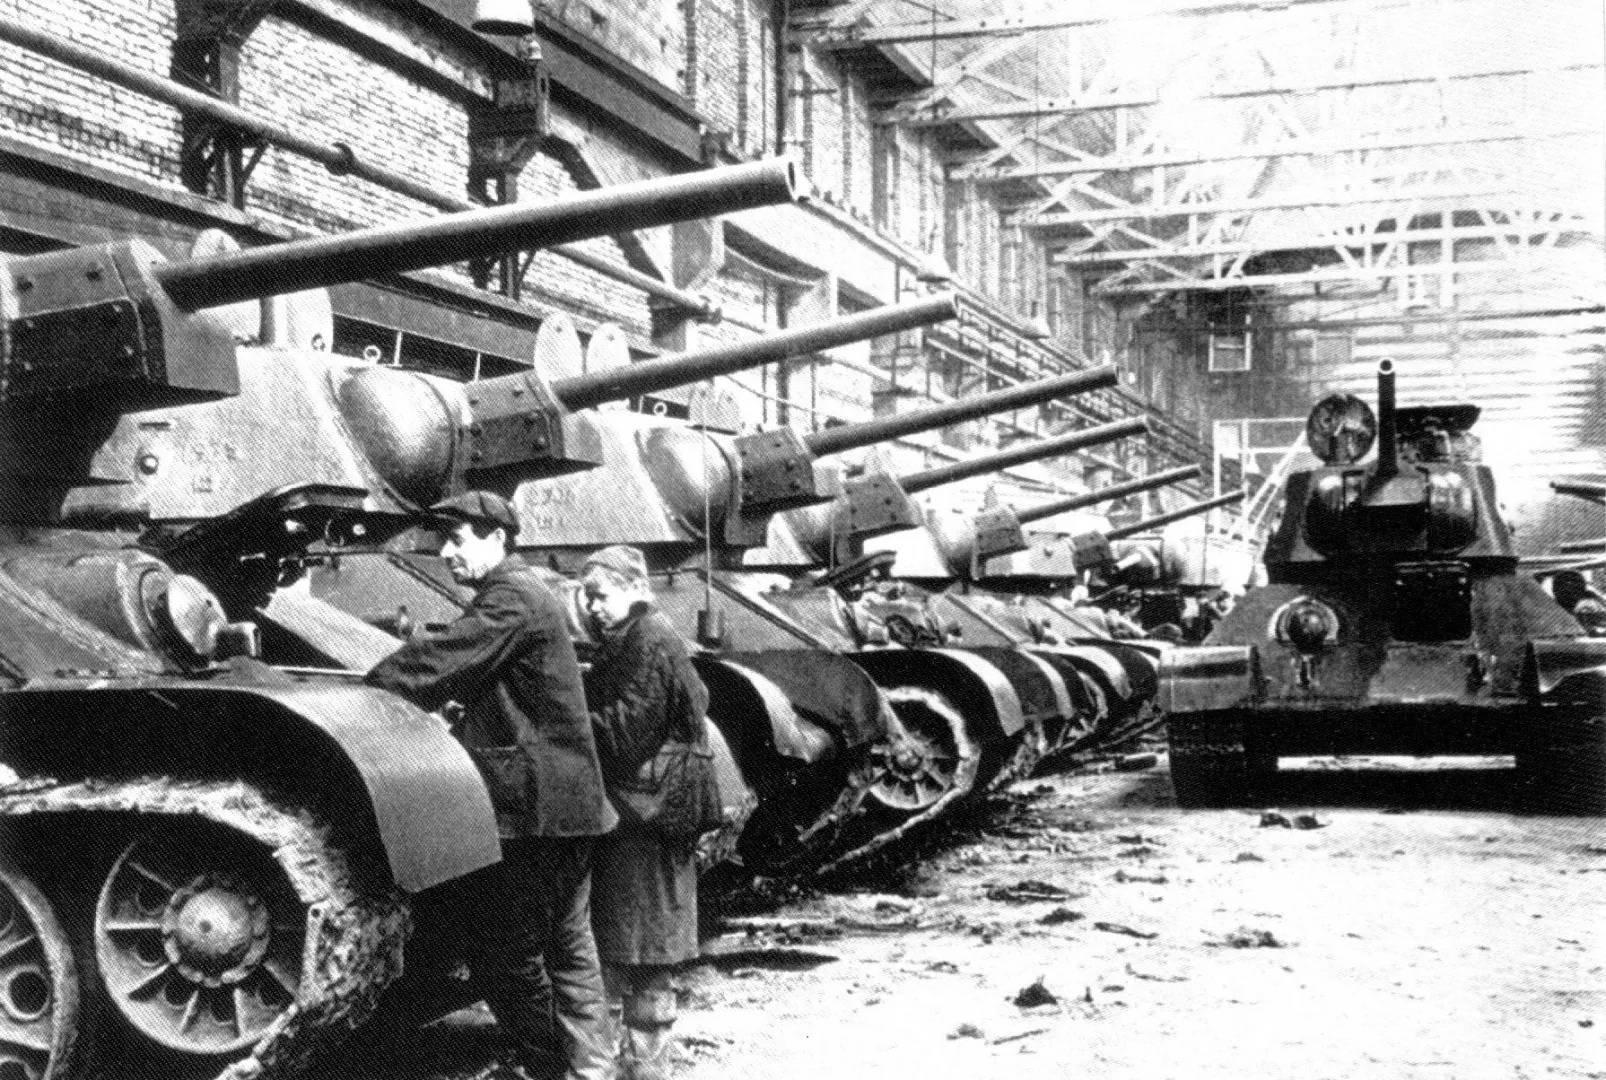 Броня победы: история танка т-34